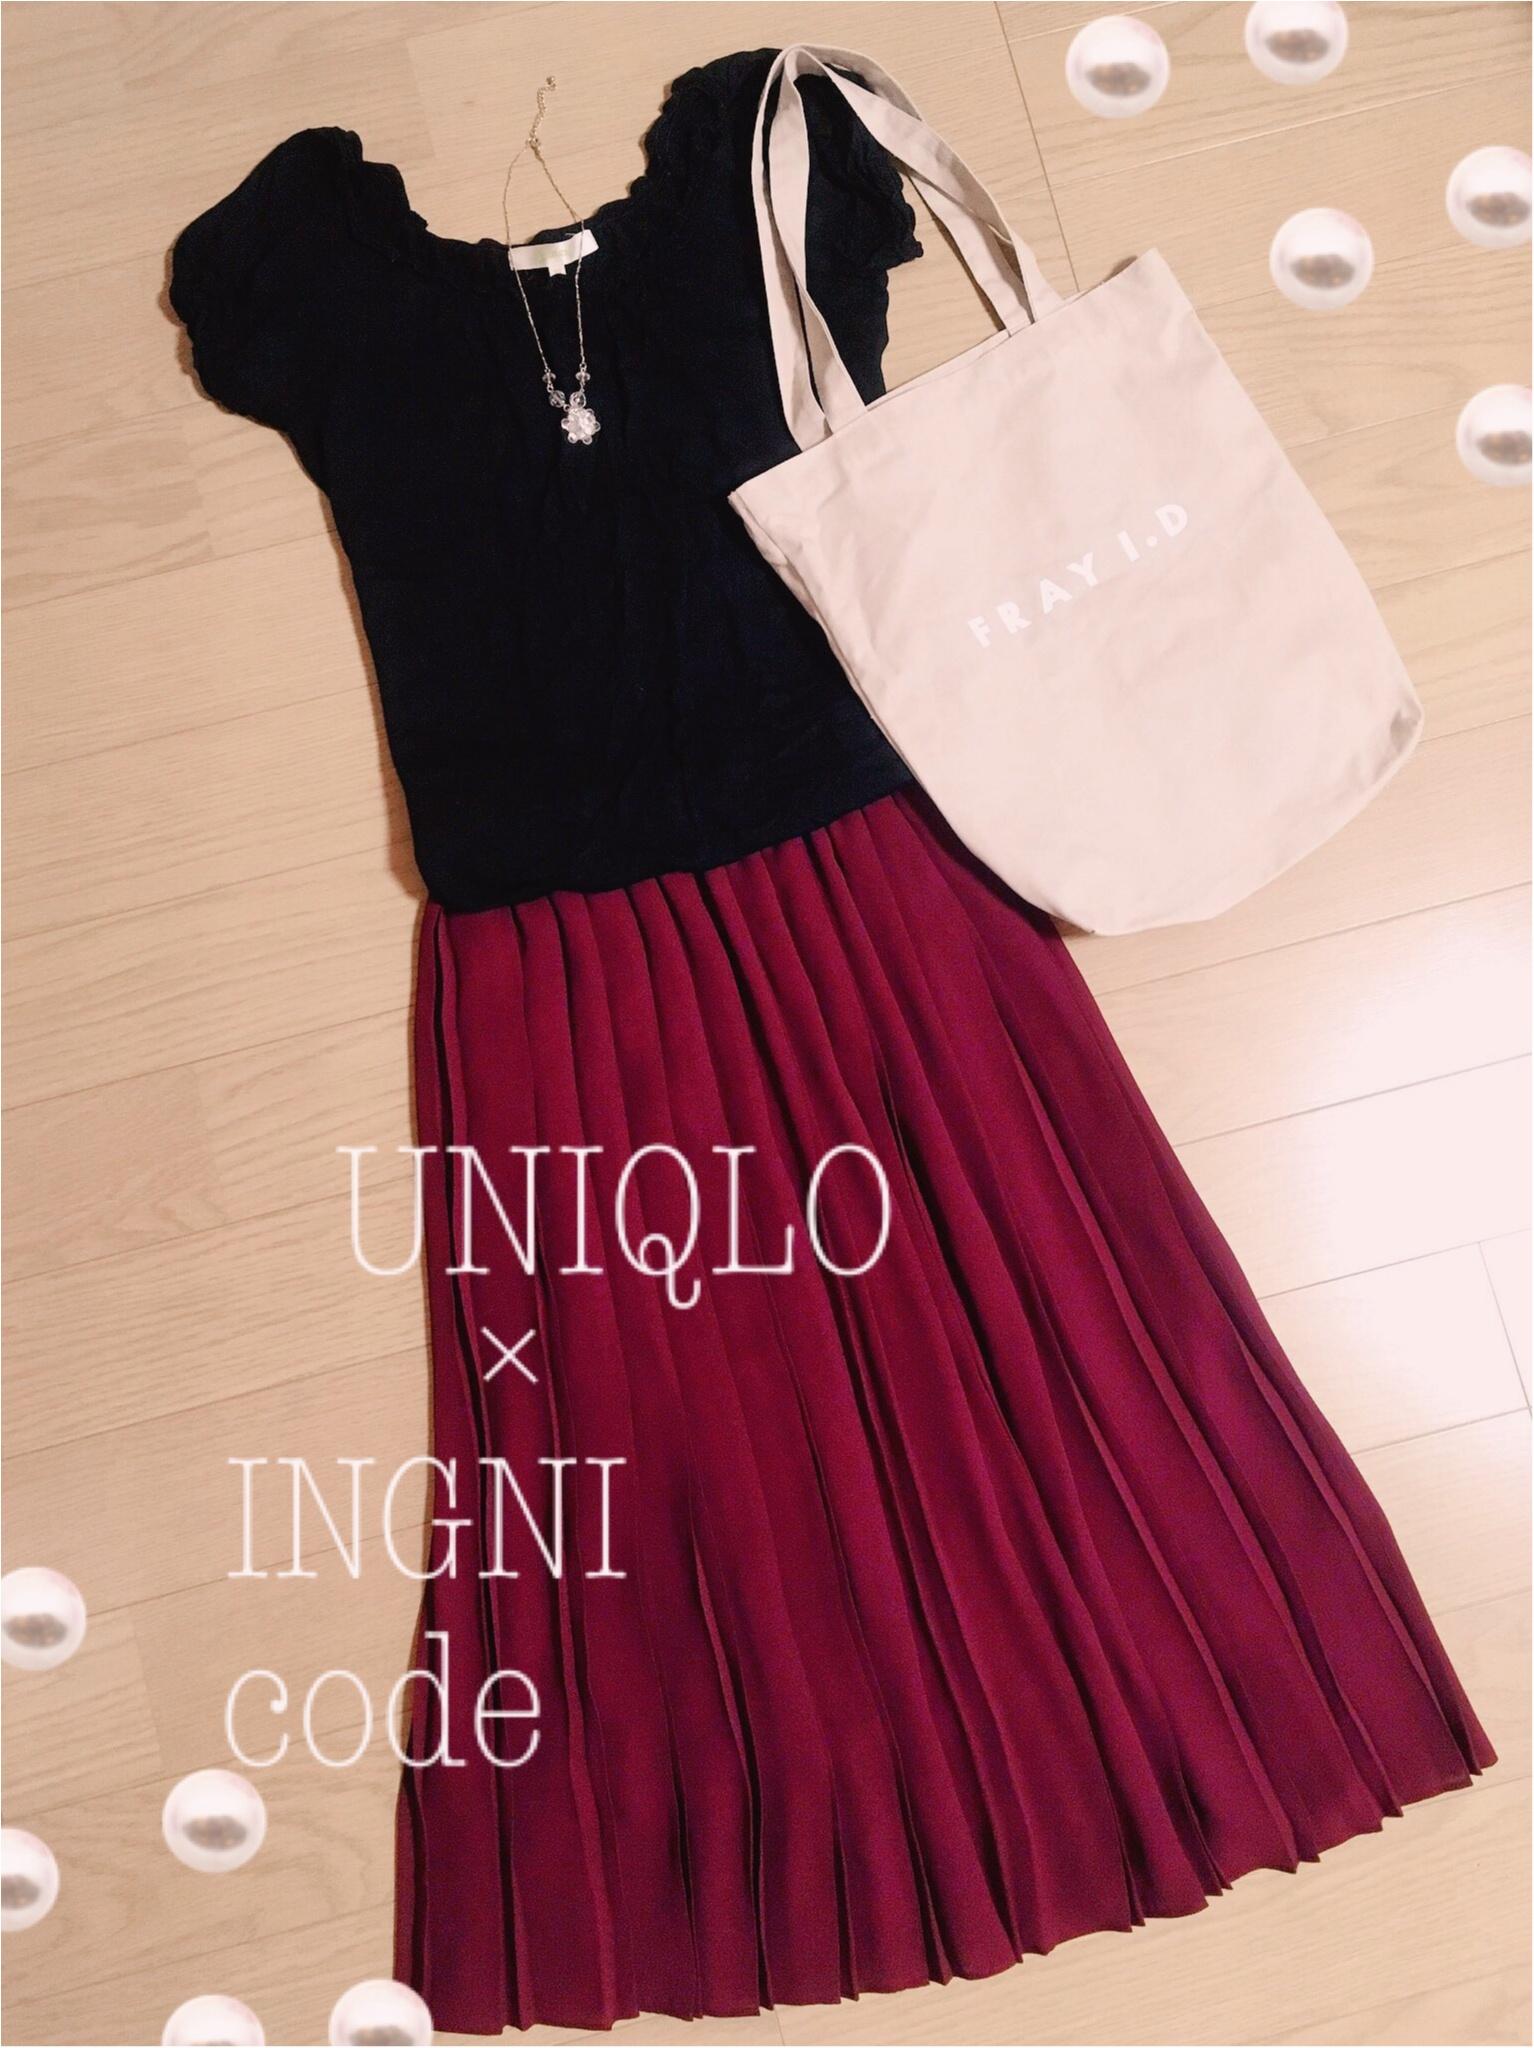 ユニクロの大人気スカートの新作♡ハイウェストシフォンプリーツミディスカートで手軽にかわいく初秋スタイルを取り入れよう♡_3